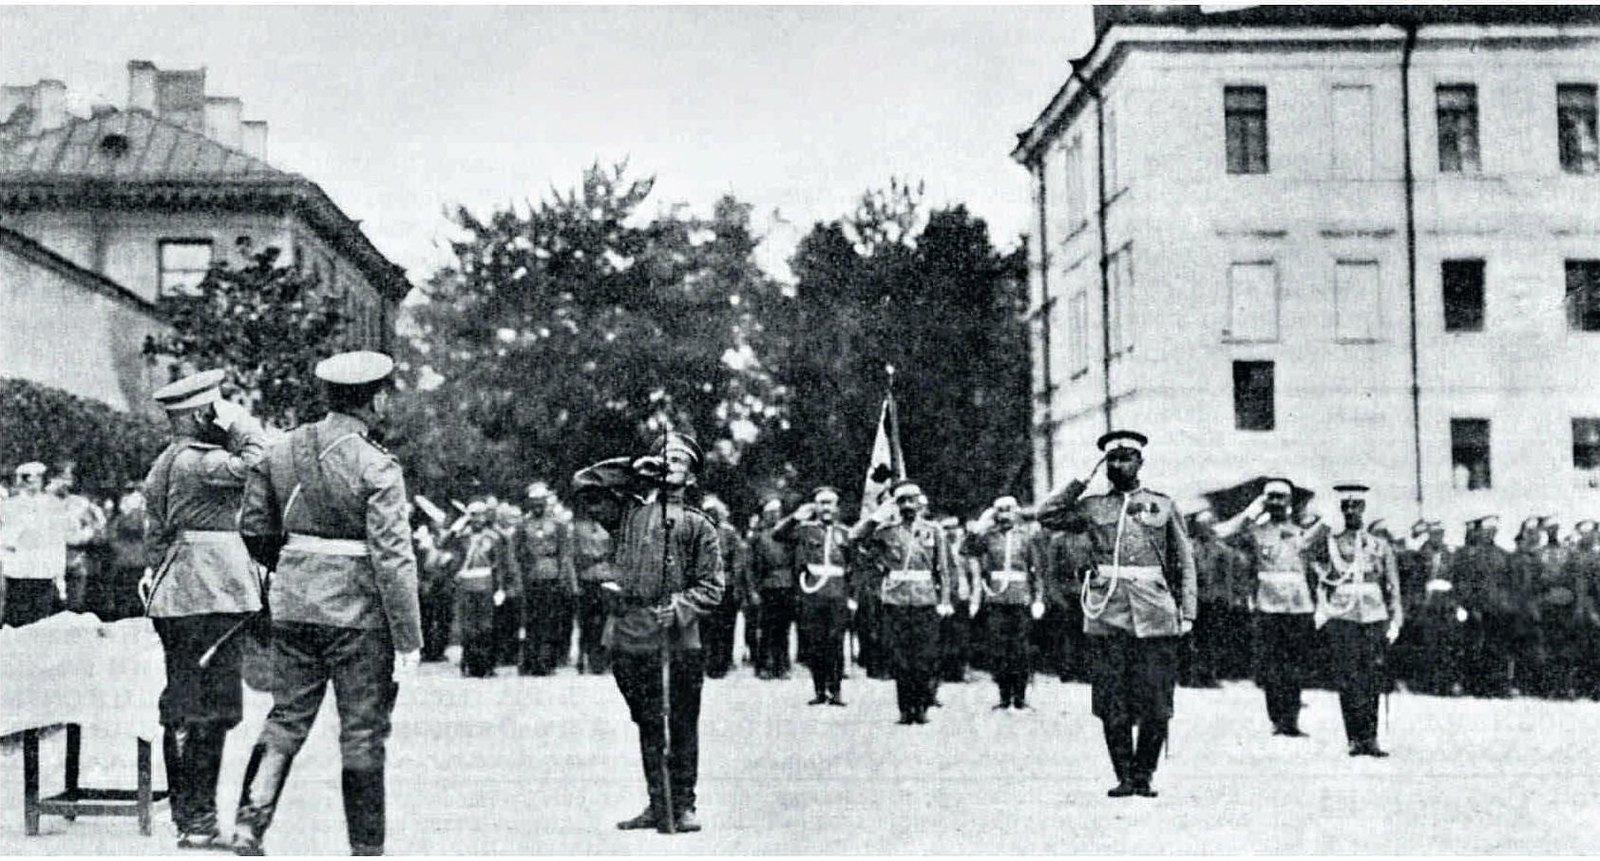 1907. Знамя 147-го Самарского Пехотого полка, бывшее в бою под Мукденом